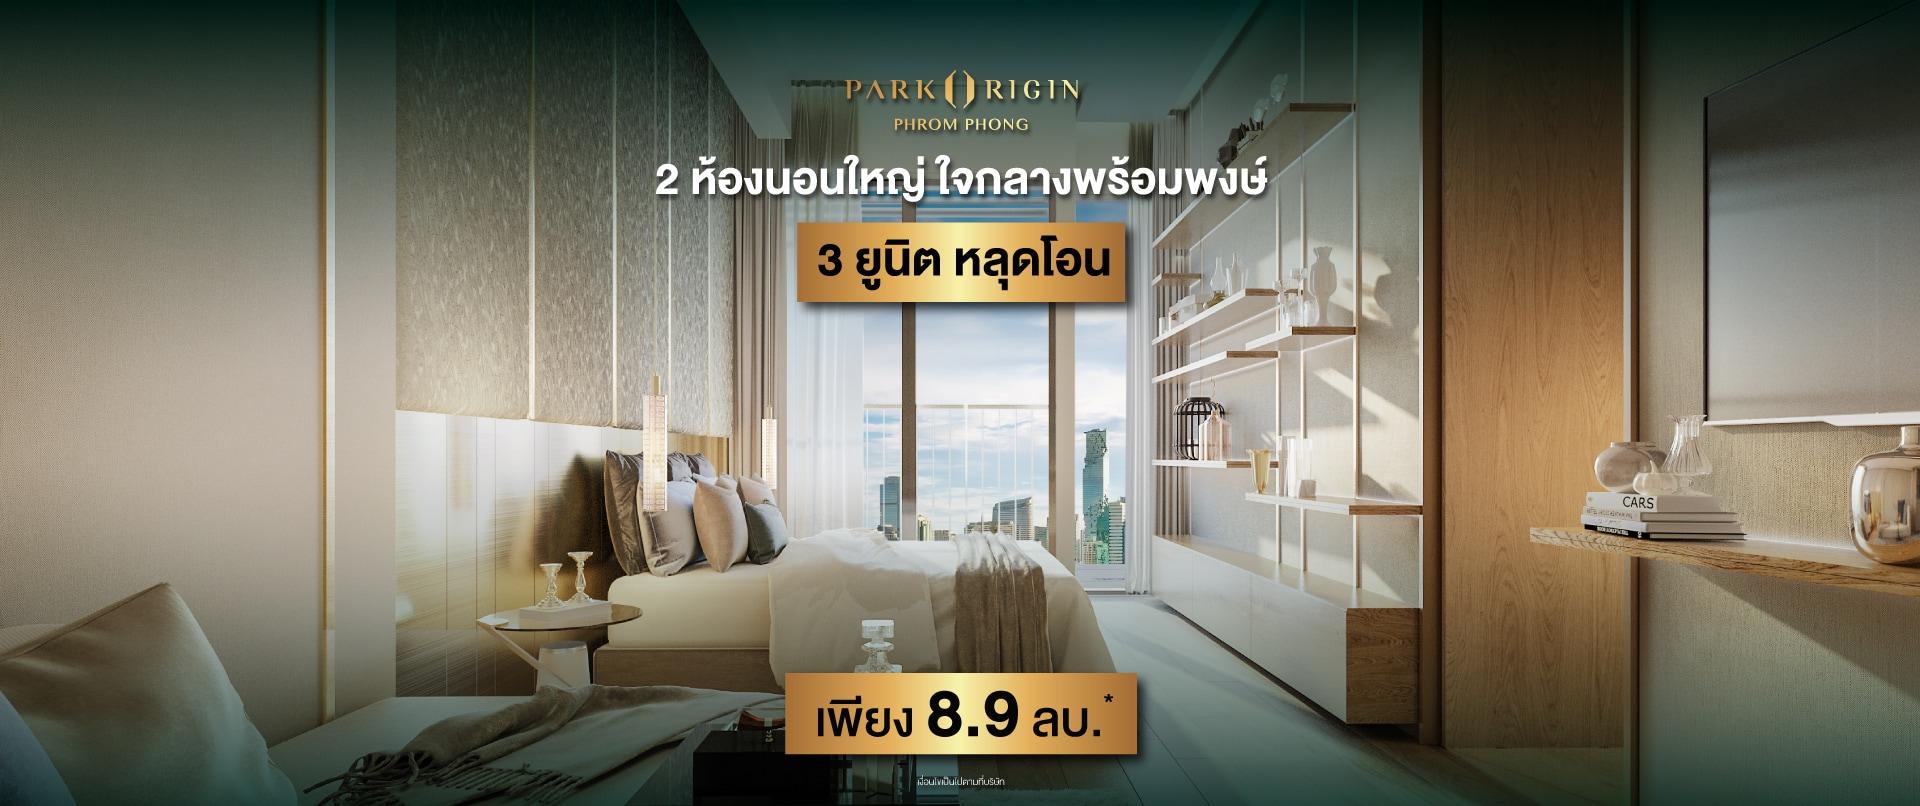 Park พร้อมพงษ์ 2 ห้องนอนใหญ่ 3 ยูนิต หลุดโอน เพียง 8.9 ลบ.*